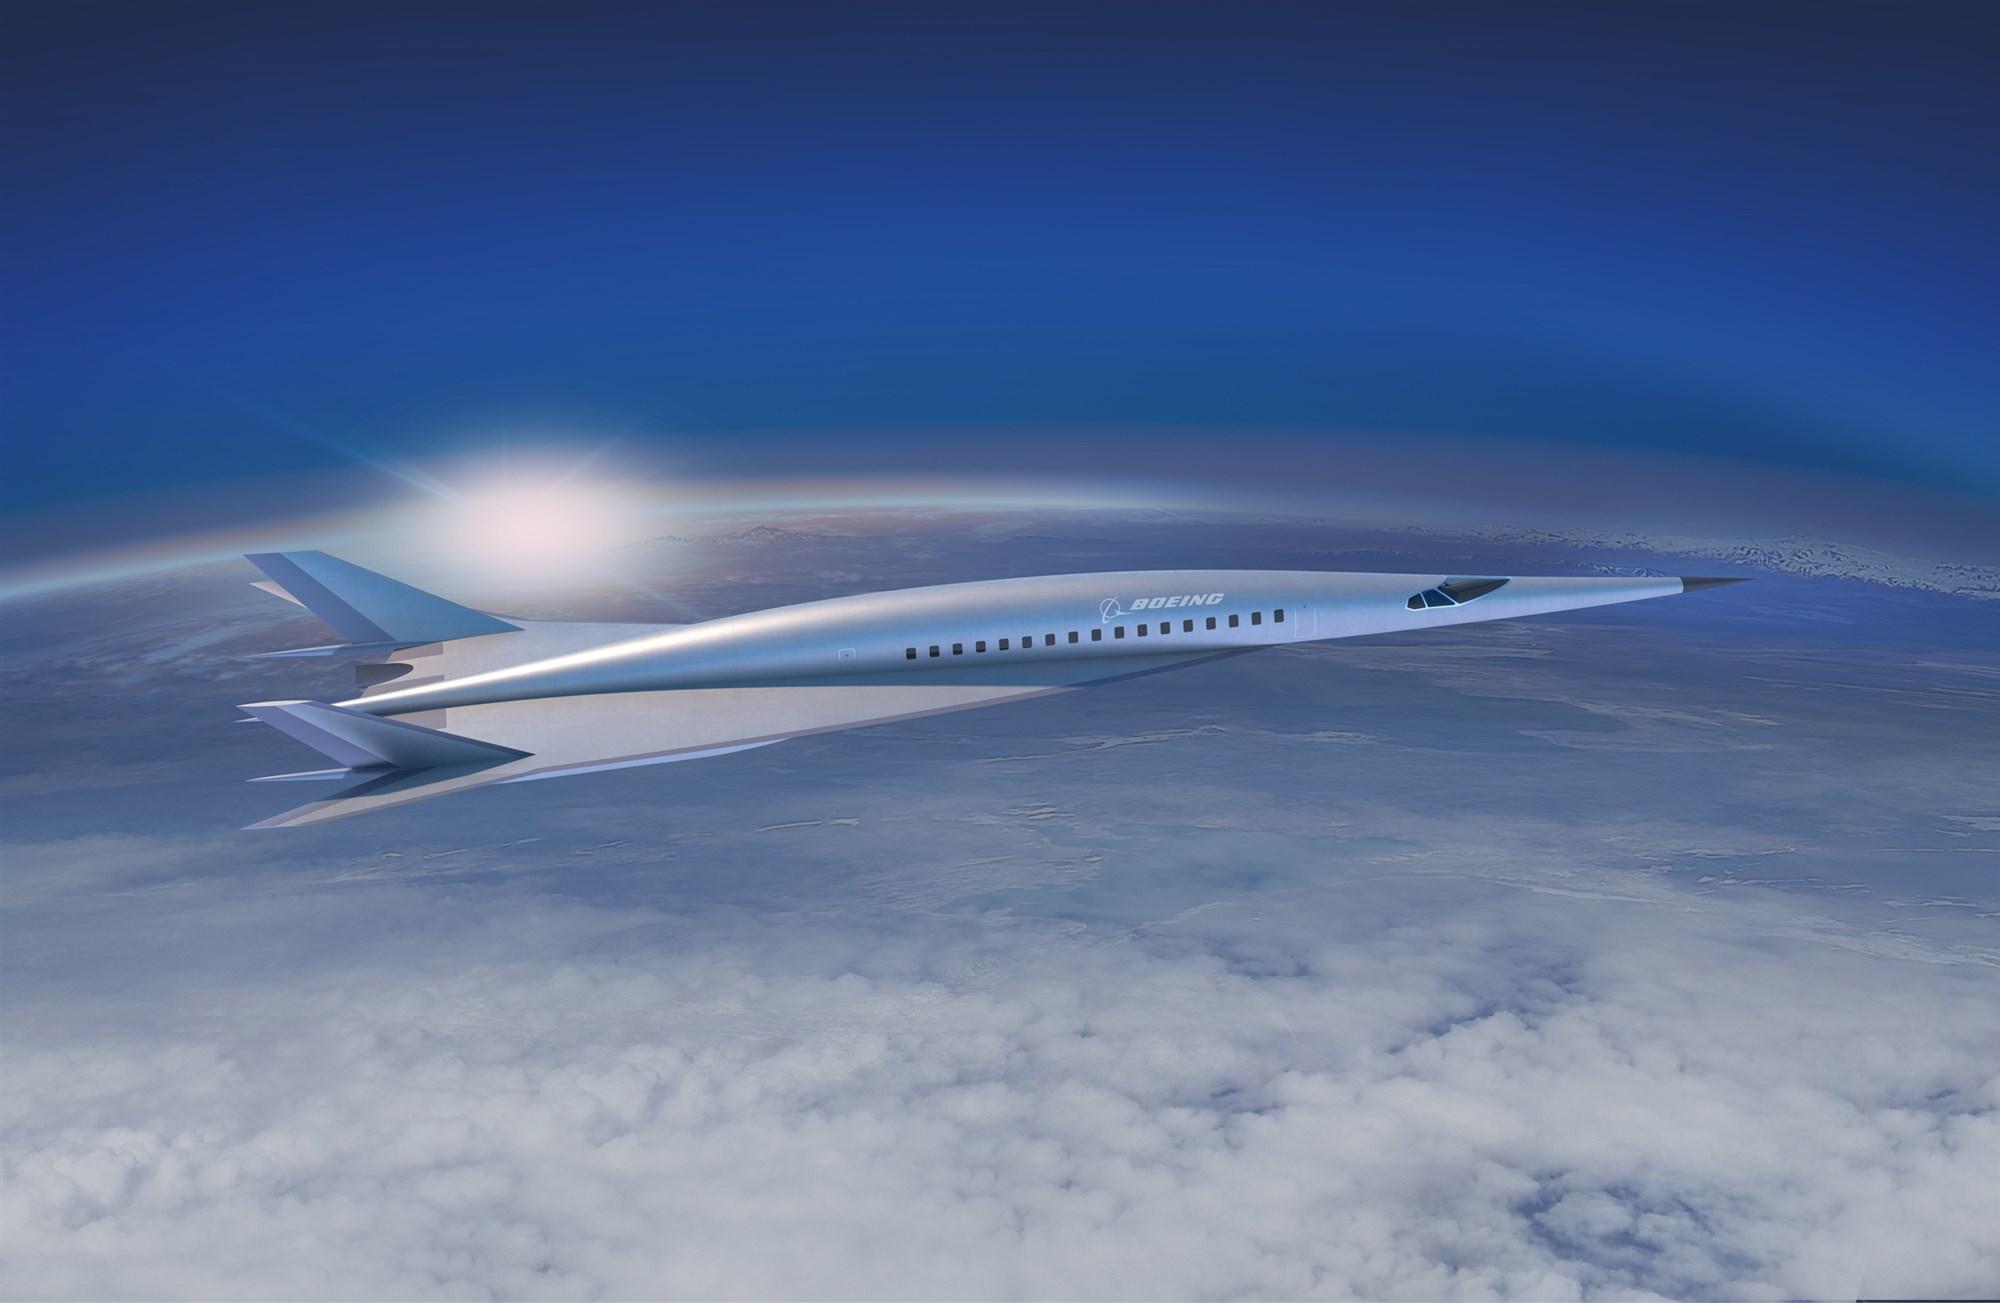 180626-boeing-hypersonic-dk-1331_4061d4979fa1c835a5ca4d76ed2f4c6f.fit-2000w_1530191578144.jpg